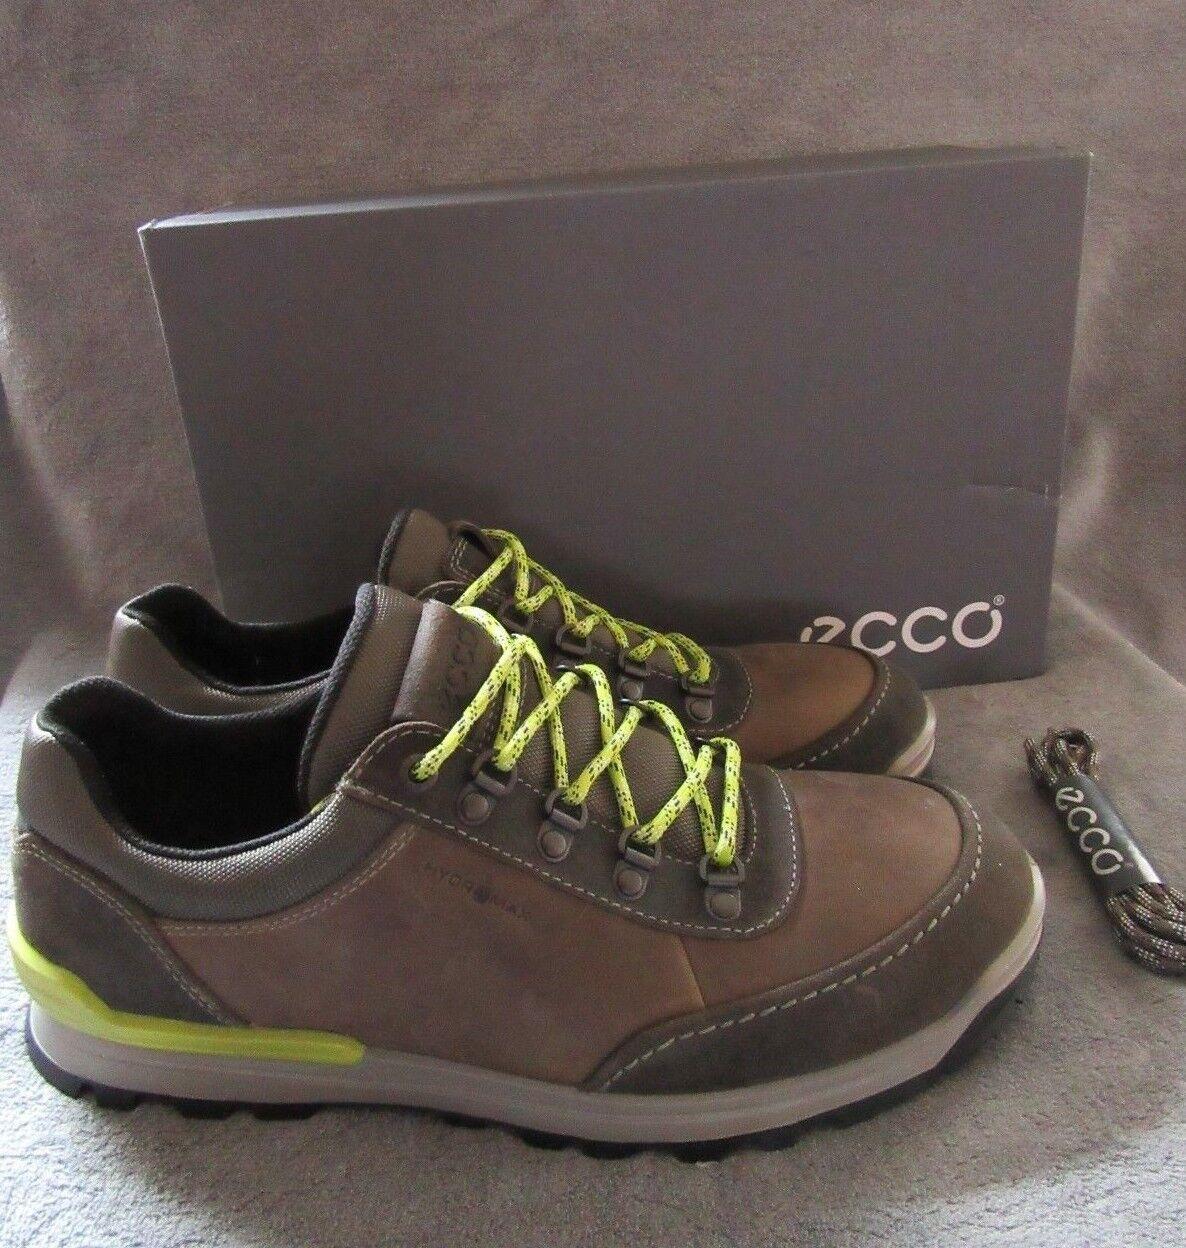 abbac966487 ECCO Sport Oregon Oregon Oregon Tarmac Leather Retro Sneaker shoes US 10 -  10.5 M EUR. By CONVERSE CT CDG OX CHUCK TAYLOR COMME DES GARCONS ...